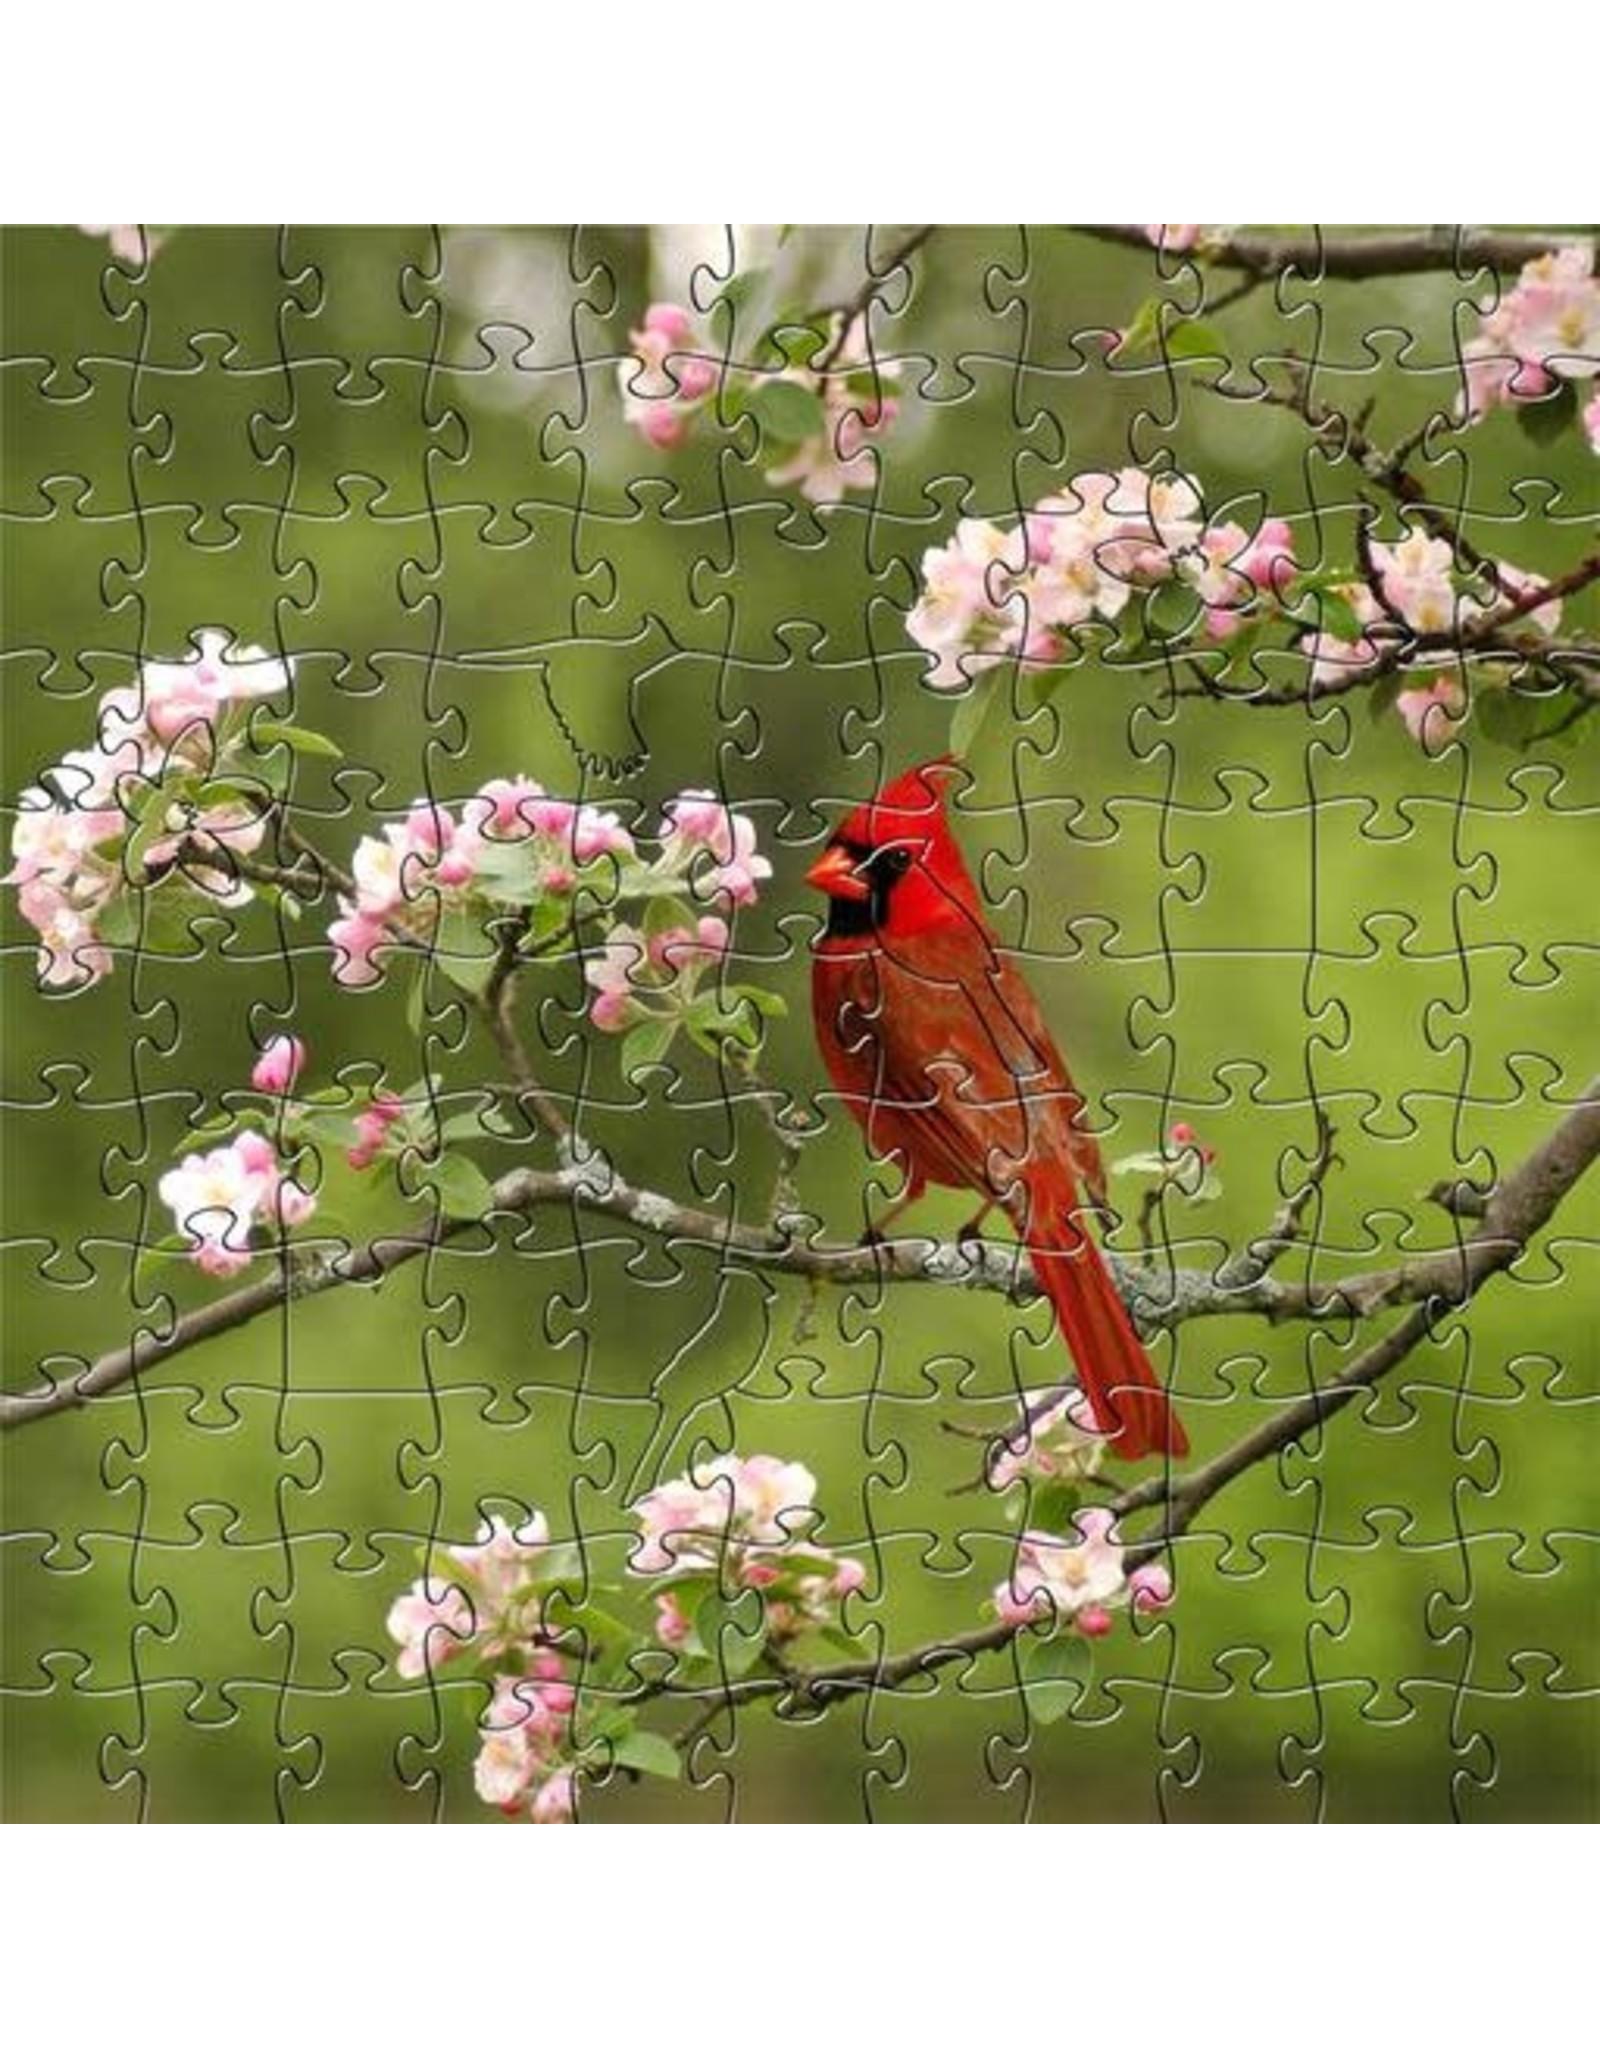 Zen Art & Design Summer Cardinal (Teaser, 50 Pieces, ZEN Wooden Jigsaw Puzzle)